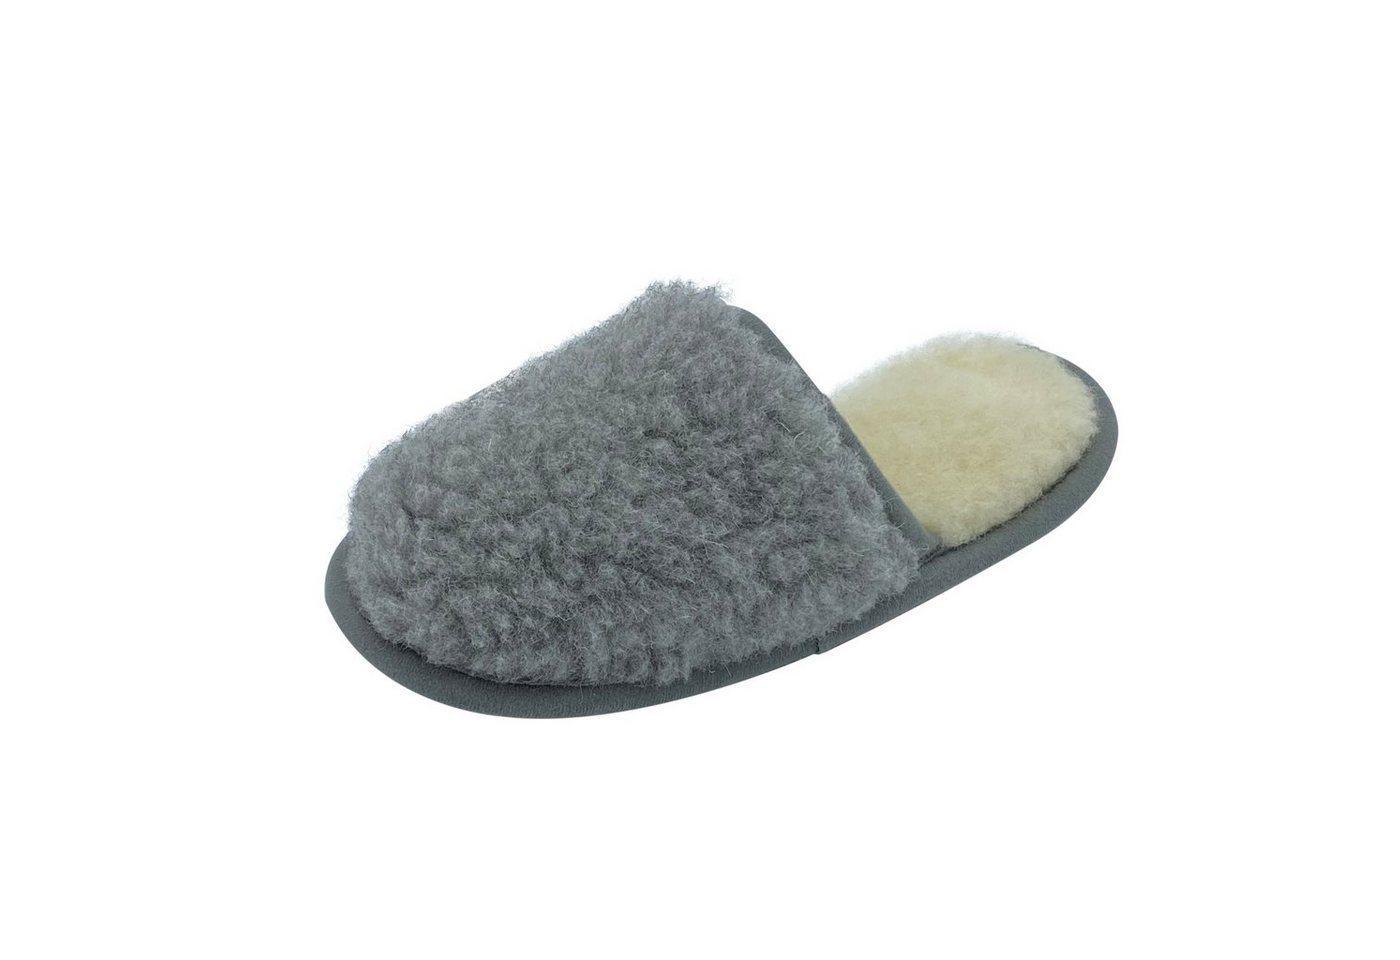 Hollert Pantoffel Luna aus Merinowolle Puschen Hausschuh warm & kuschelig, grau